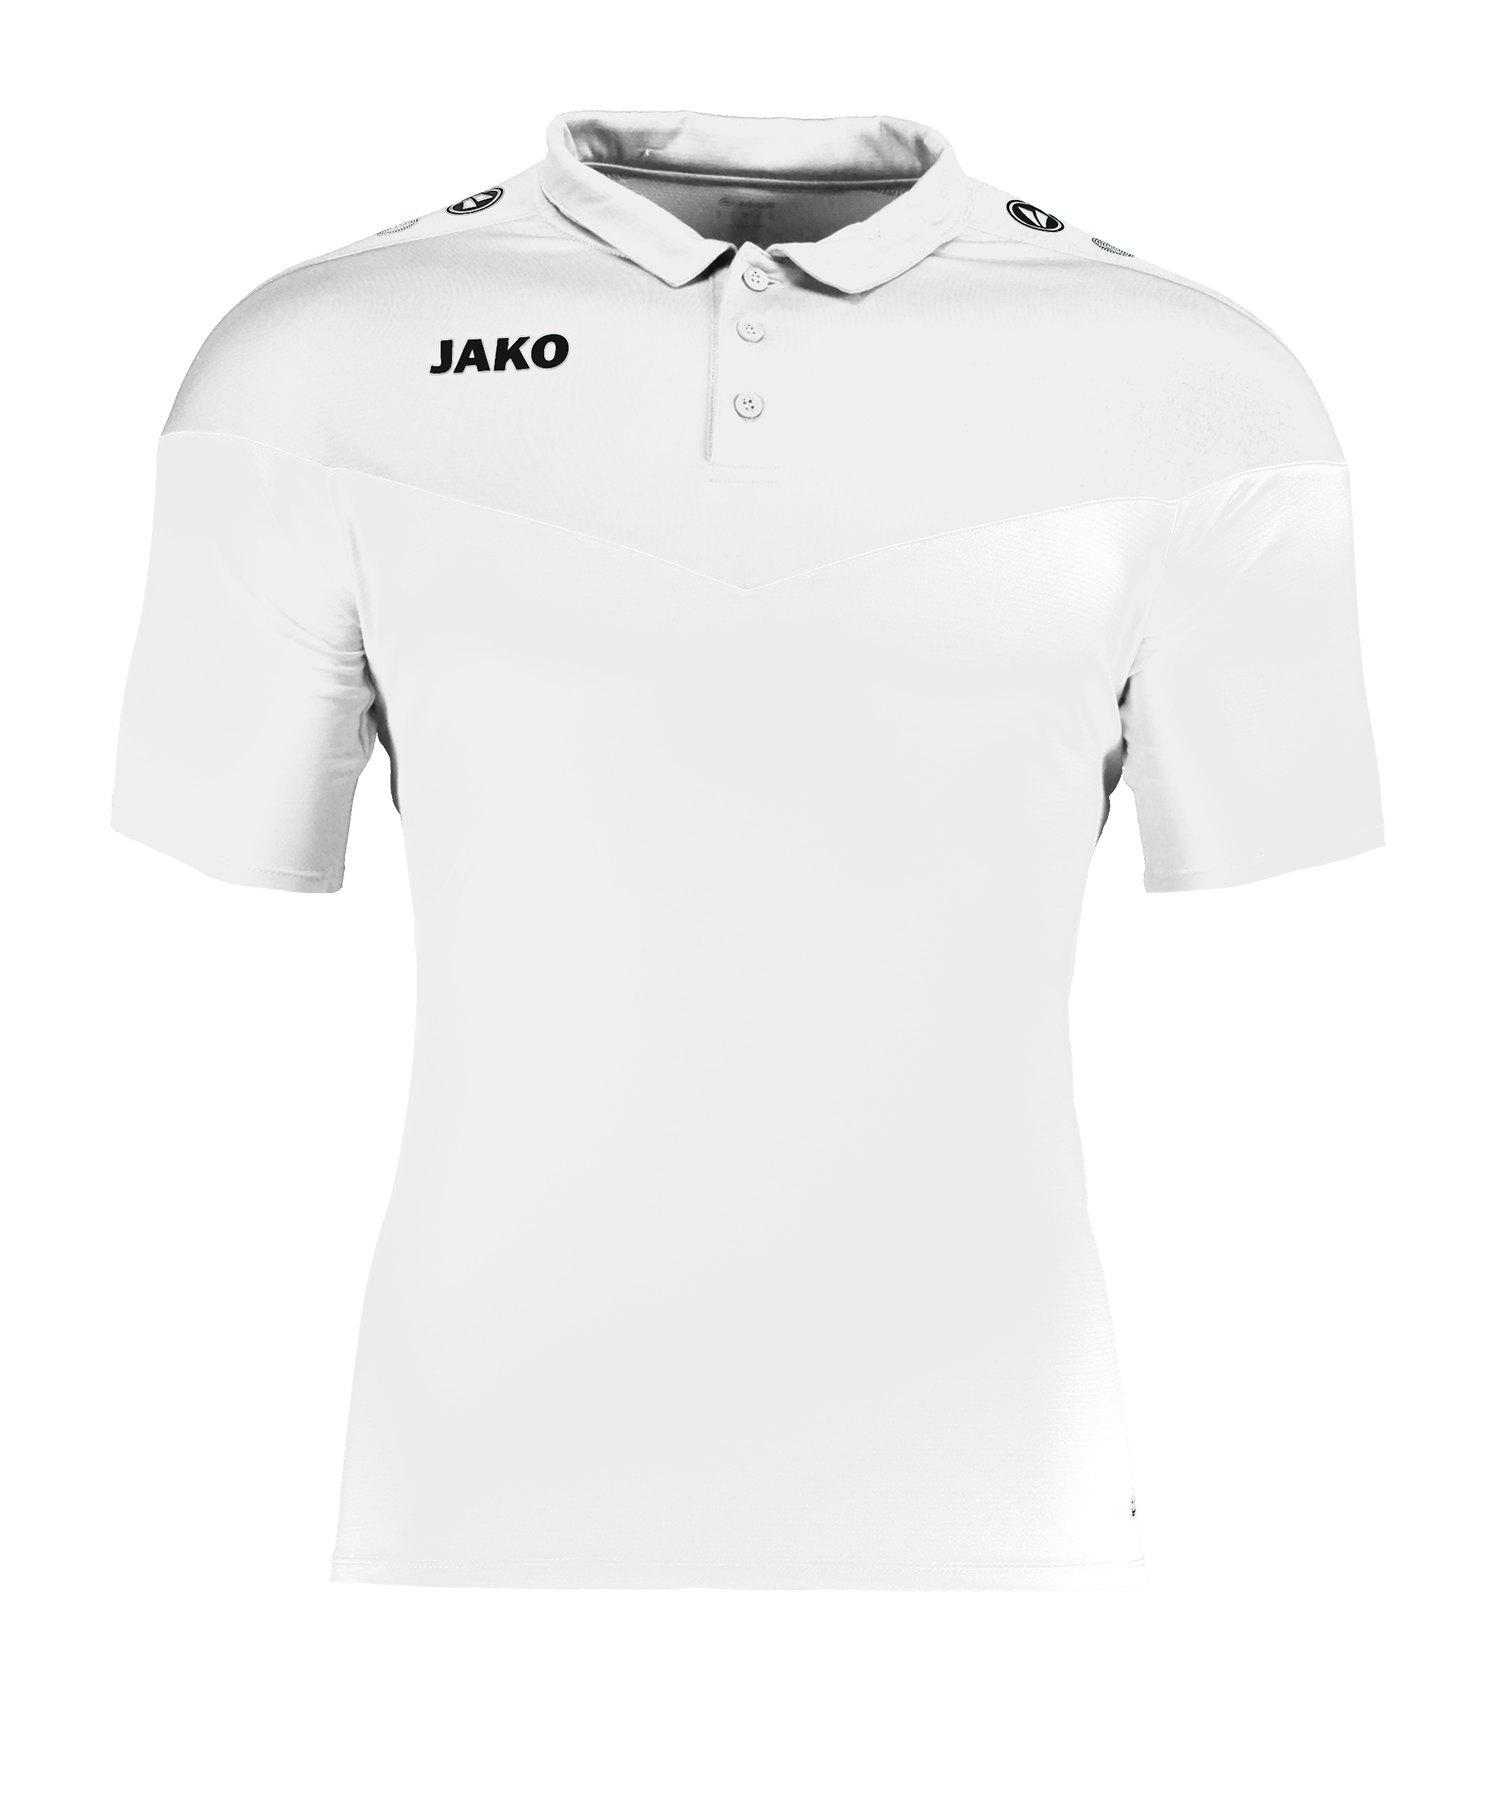 Jako Champ 2.0 Poloshirt Weiss F00 - weiss